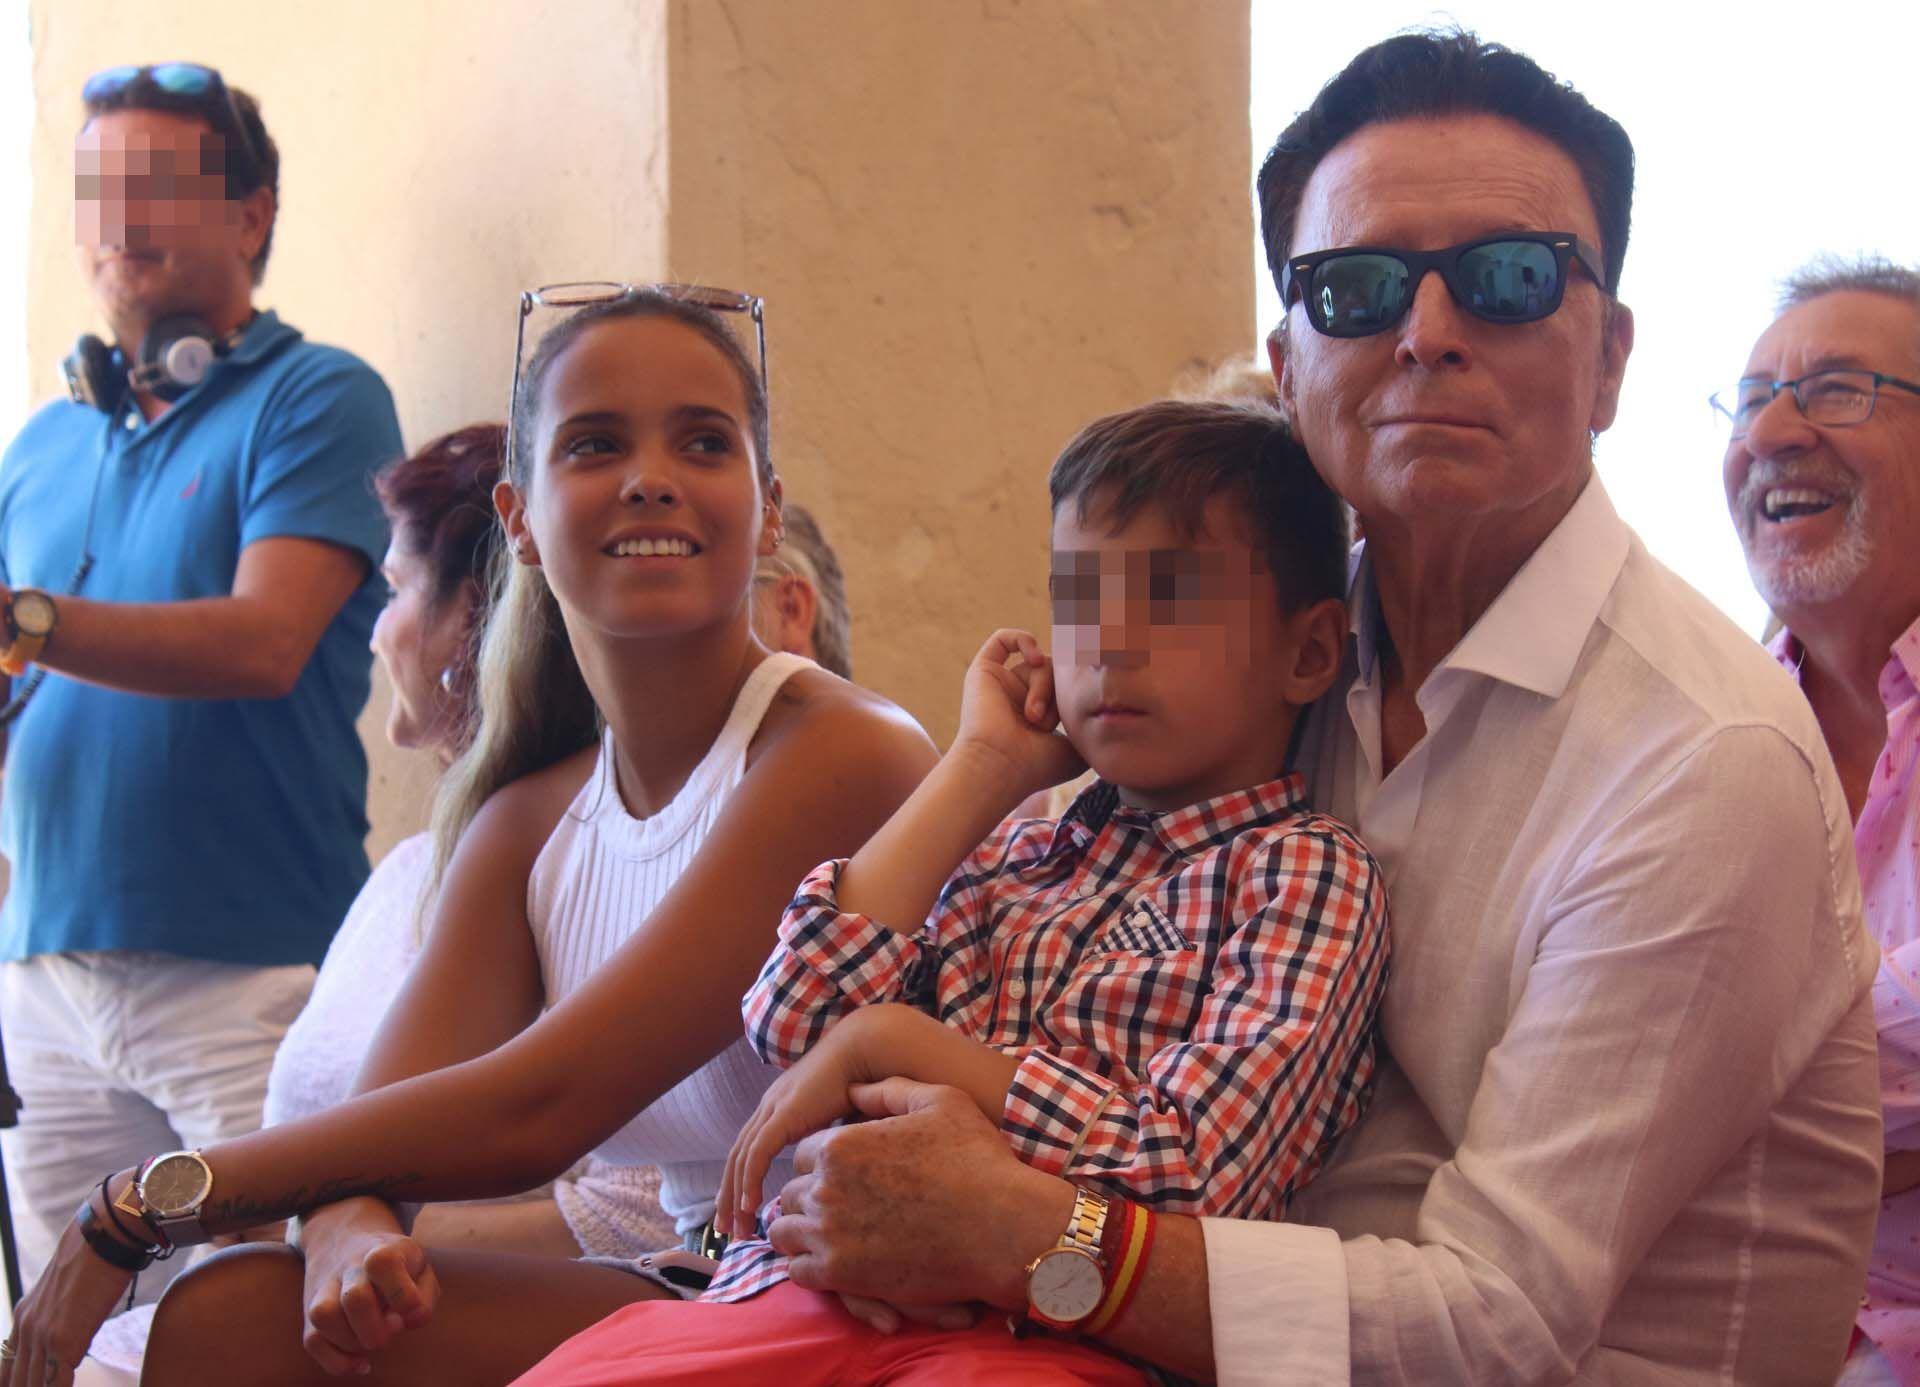 Gloria Camila y Ortega Cano, arropados por los Mohedano, en un nuevo homenaje a Rocío Jurado